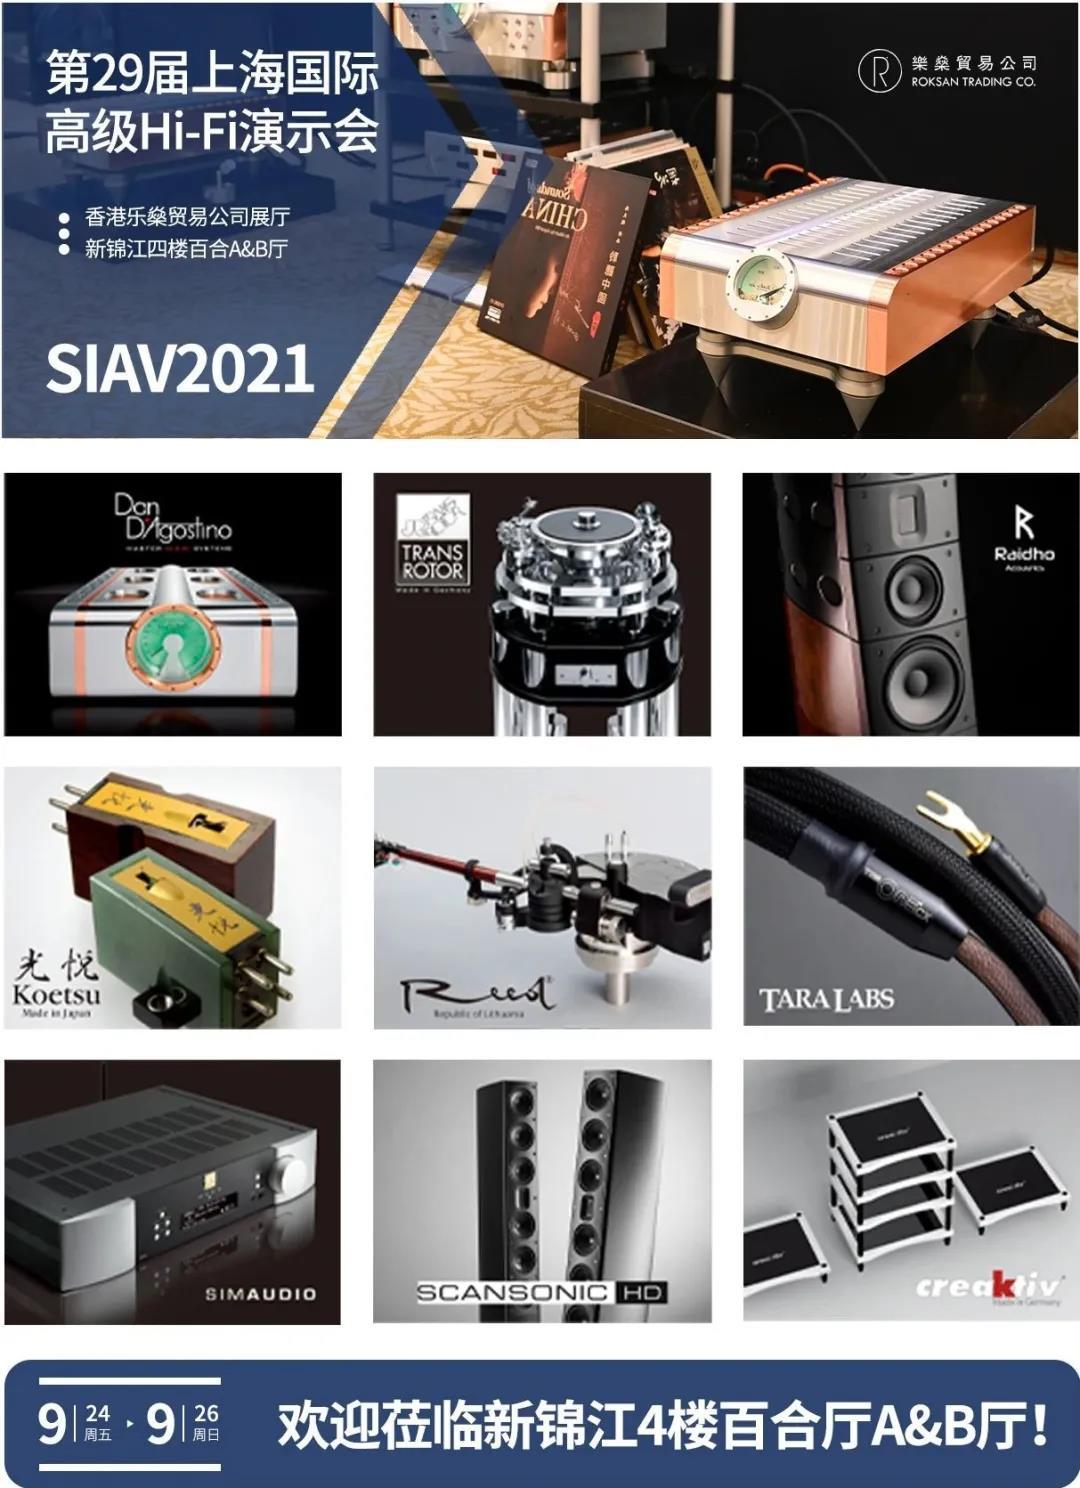 乐燊音响携高规格Hi-Fi演示系统亮相9月24日SIAV2021